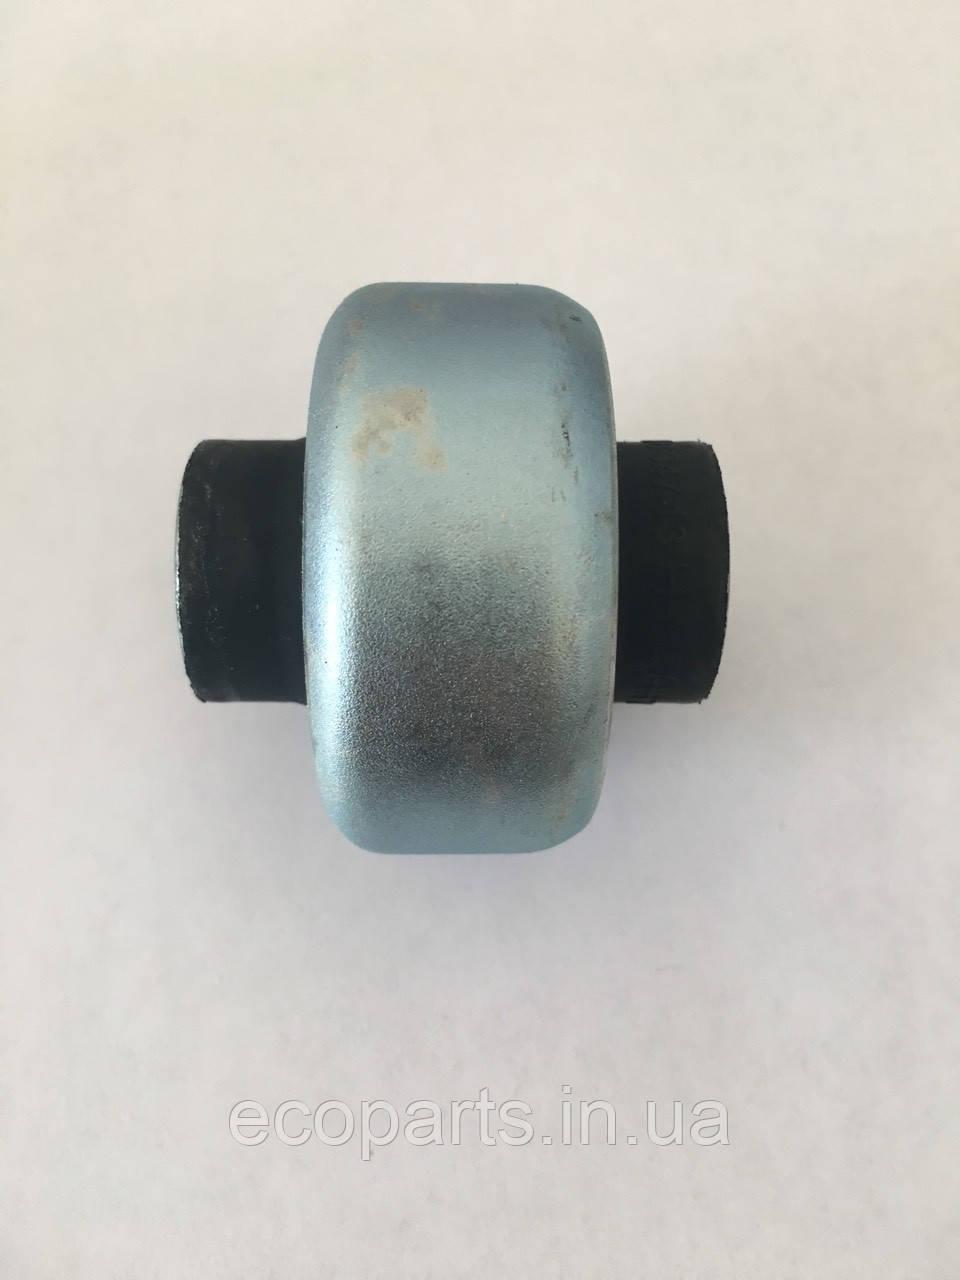 Сайлентблок перед важеля задній Nissan Leaf (10-17)